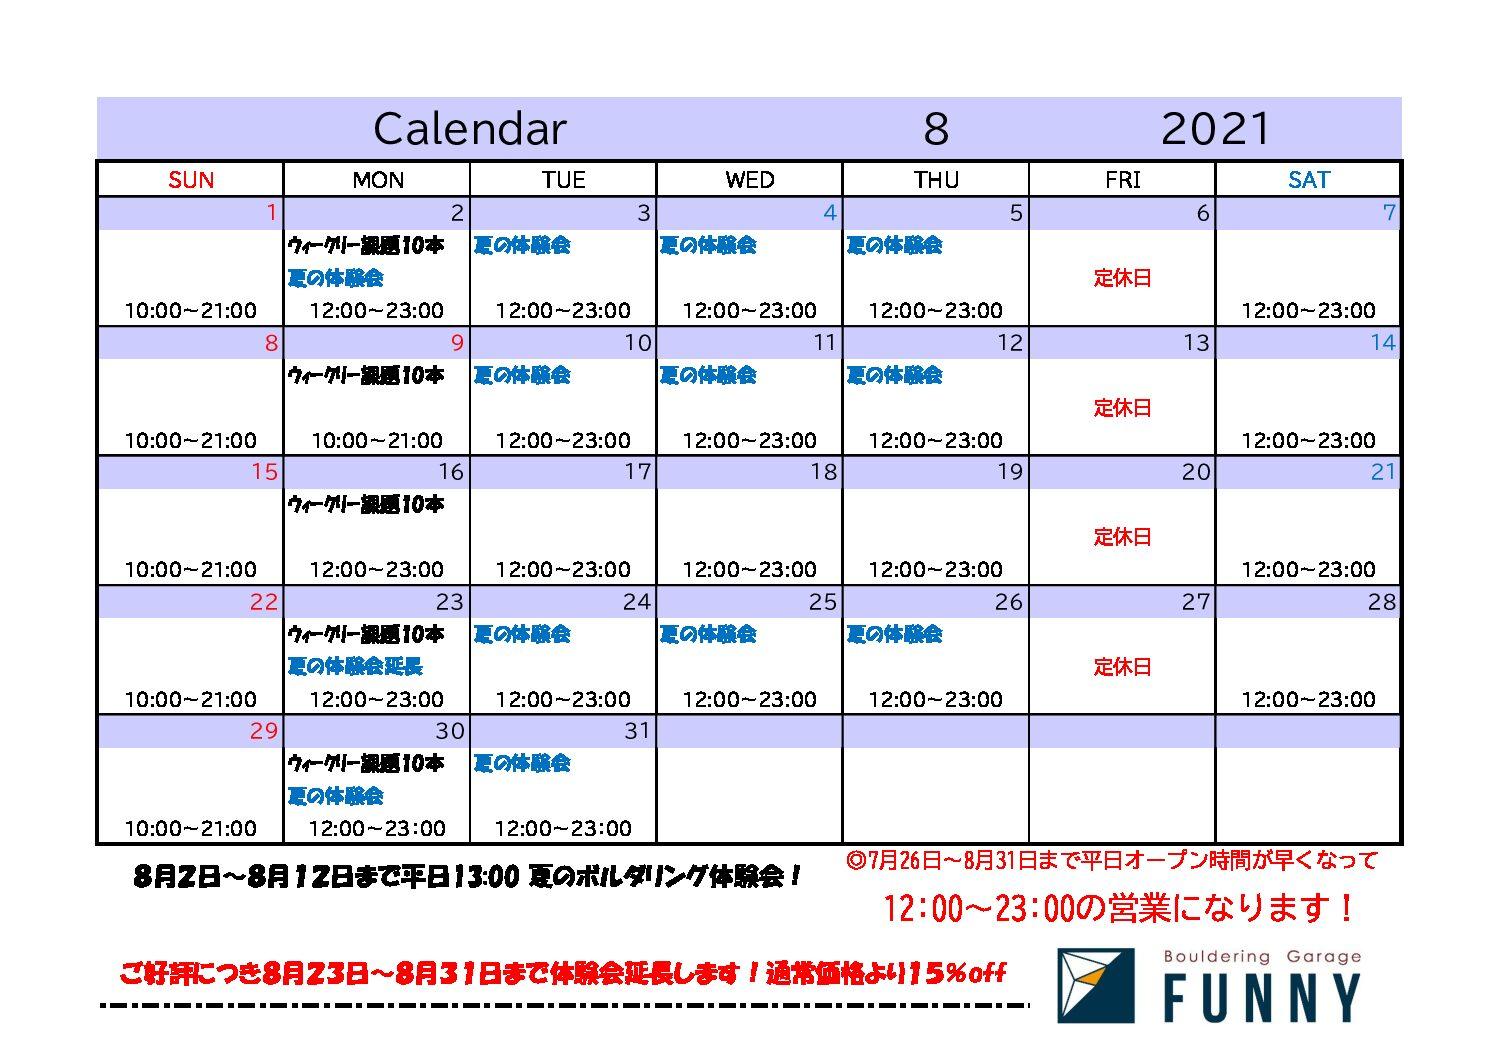 真夏のボルダリング体験会延長!と8月のお知らせ。